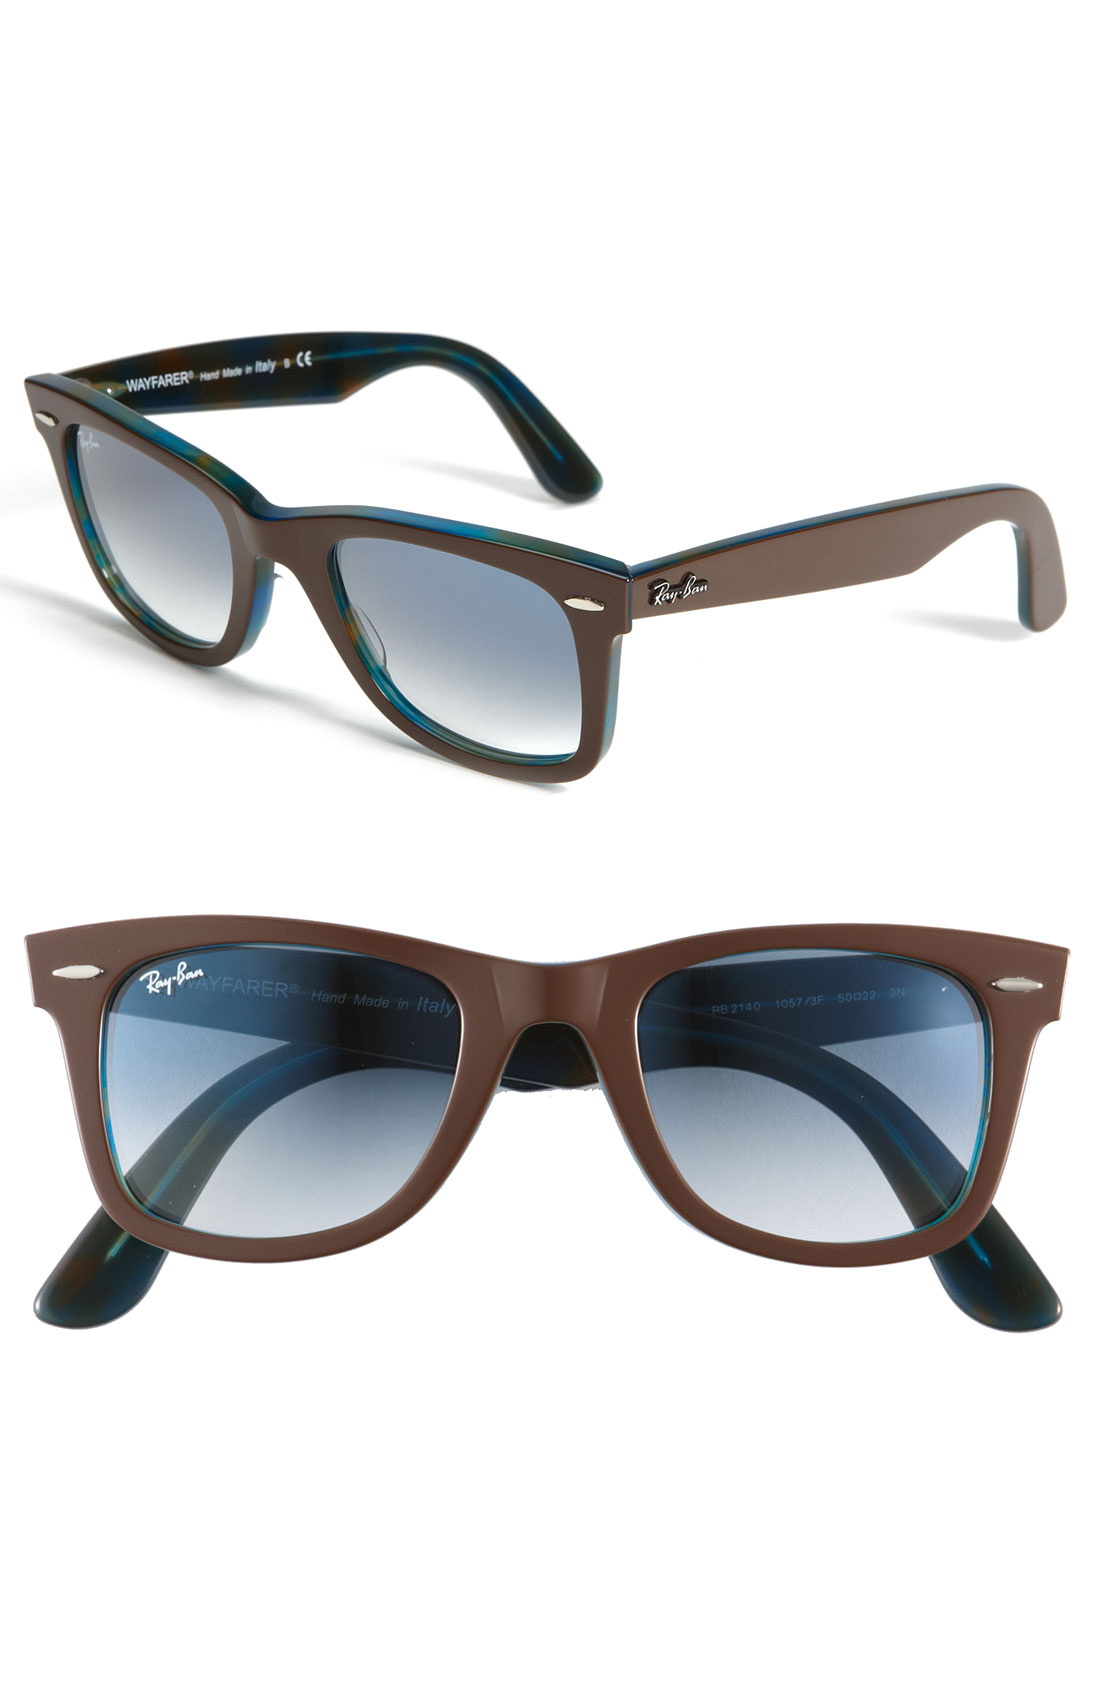 77ee91be9457 Buy Ray Ban Sunglasses Wayfarer Amazon